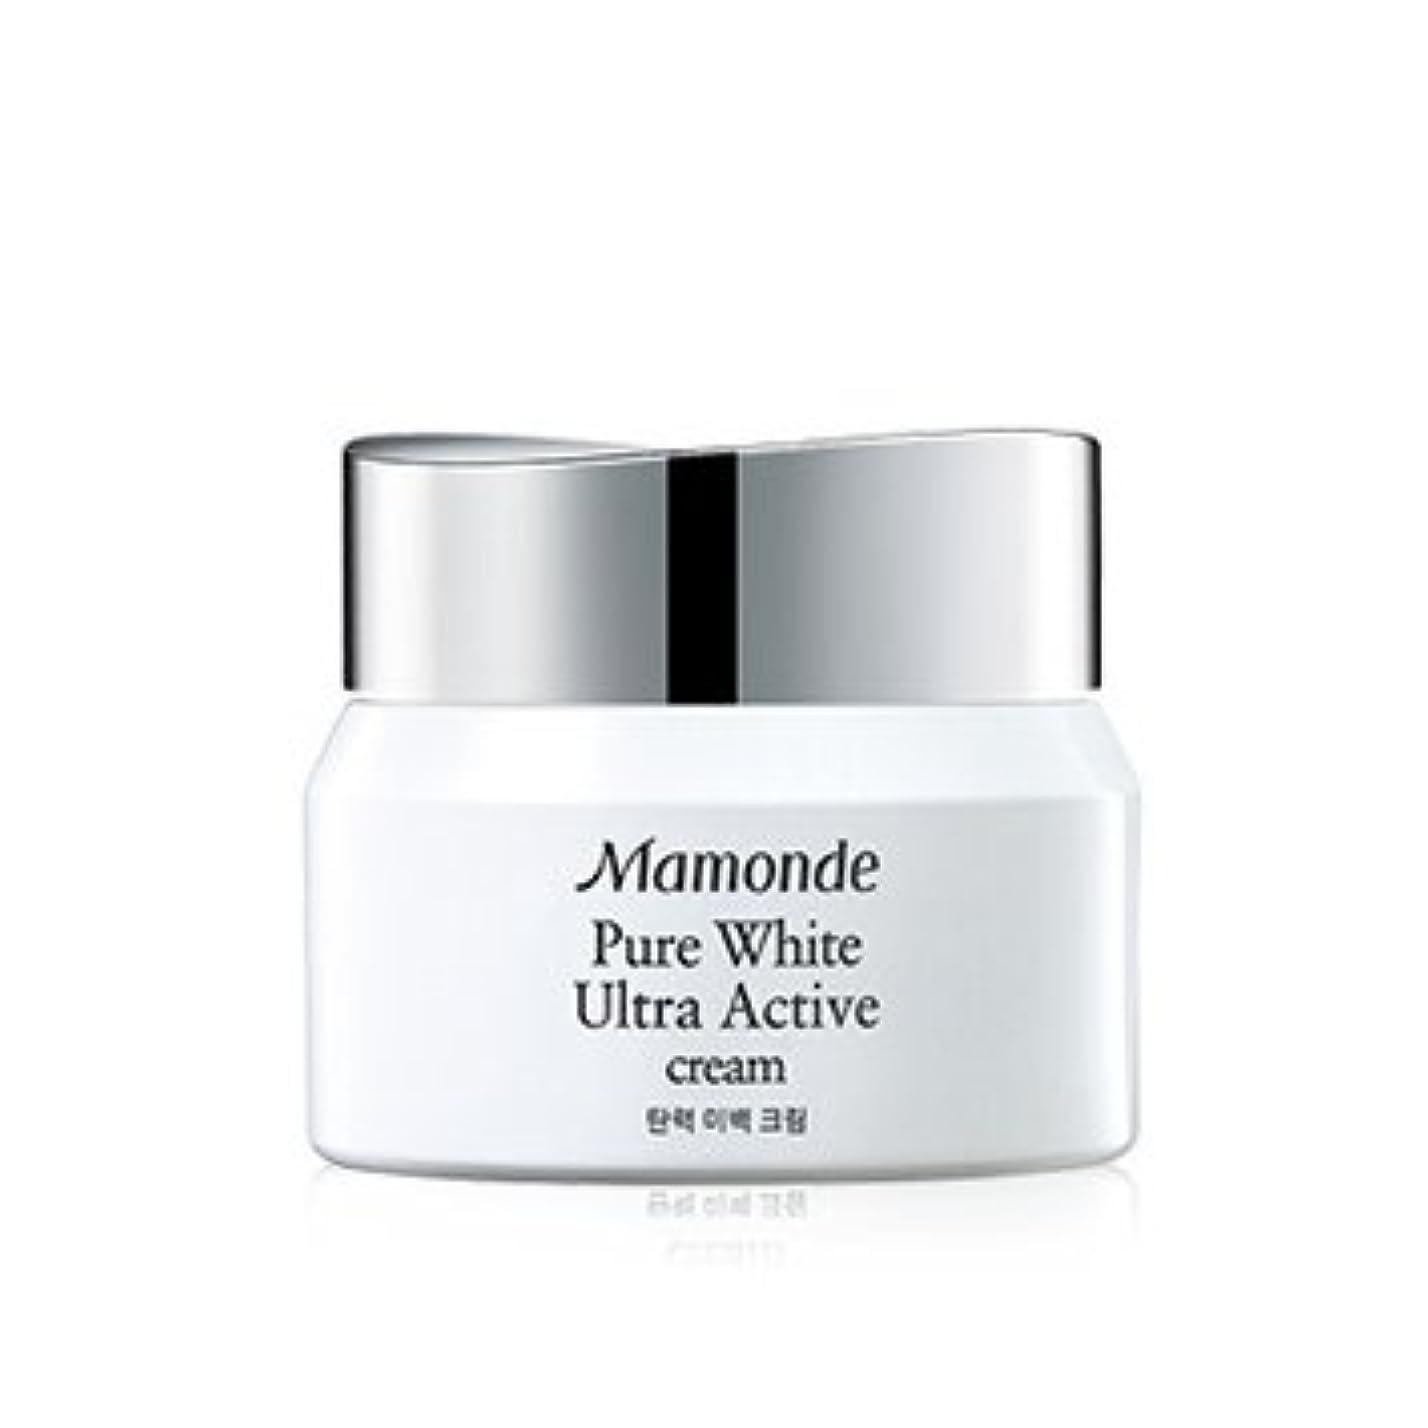 導入する発明民主党Mamonde Pure White Ultra Active Cream 50ml/マモンド ピュア ホワイト ウルトラ アクティブ クリーム 50ml [並行輸入品]